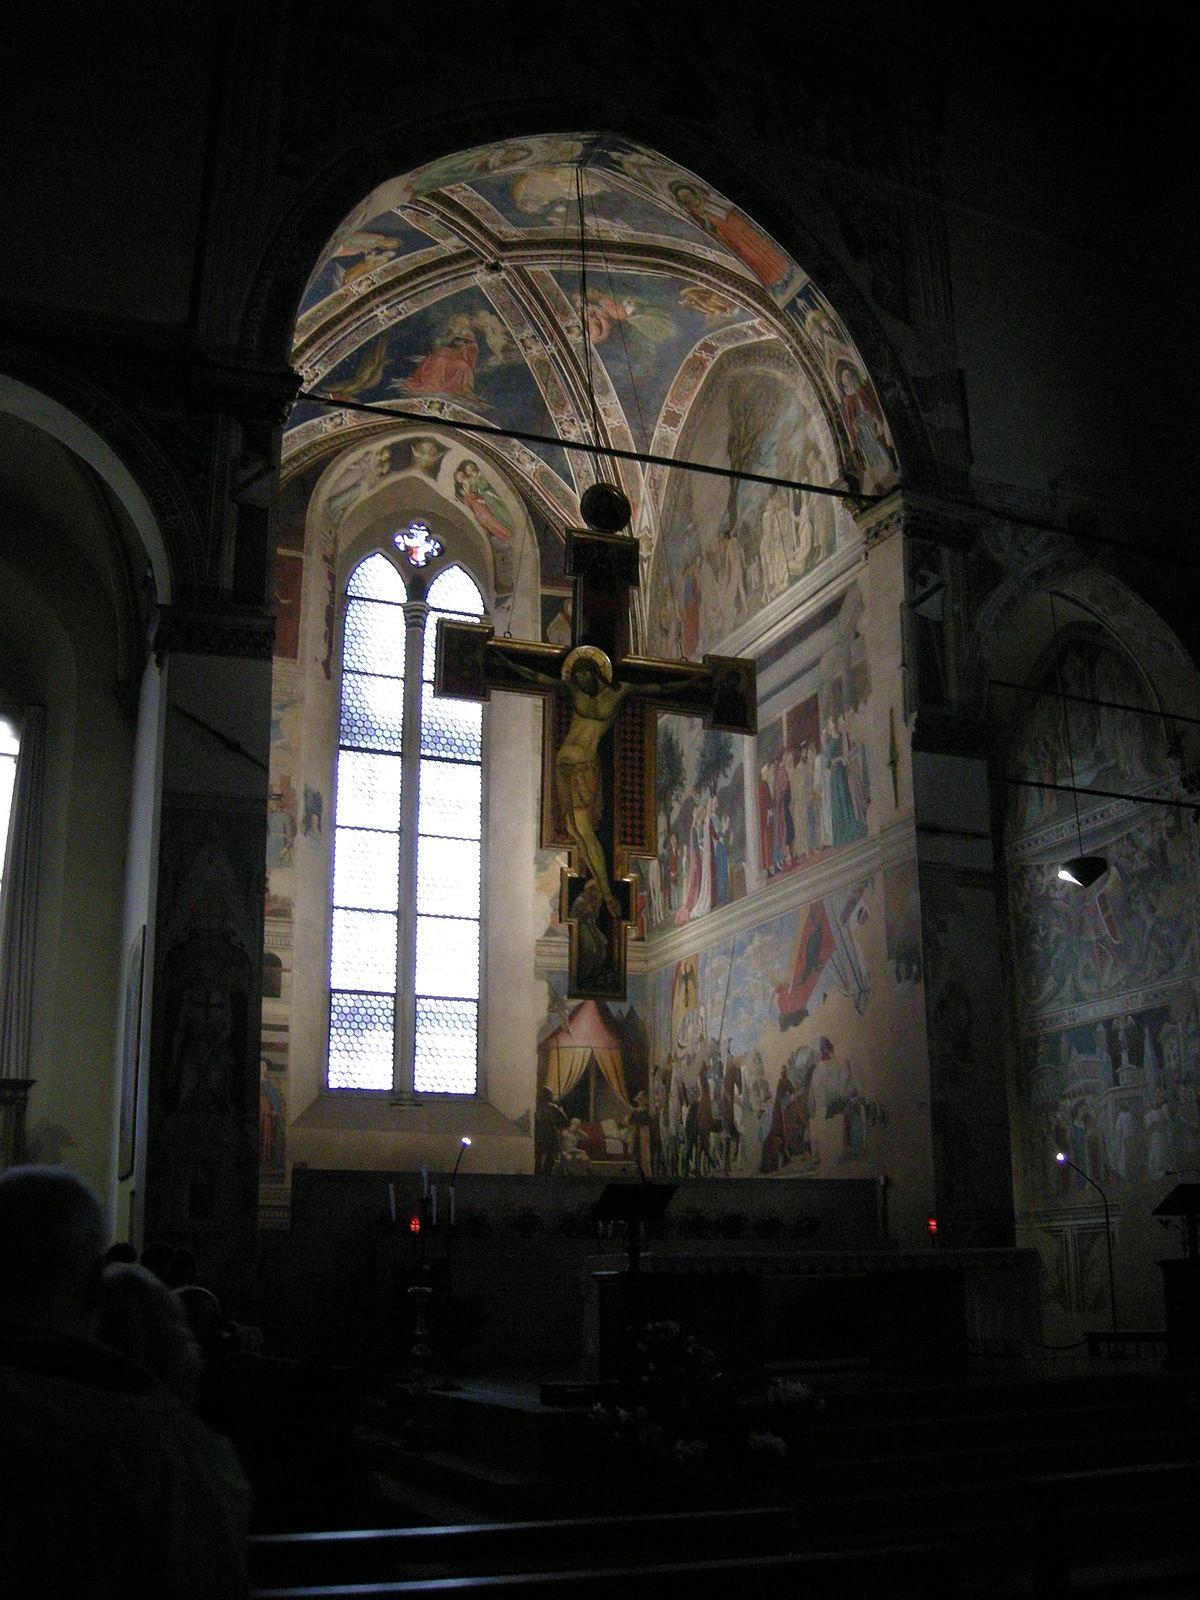 La chiesa del peccato 1998 - 5 2